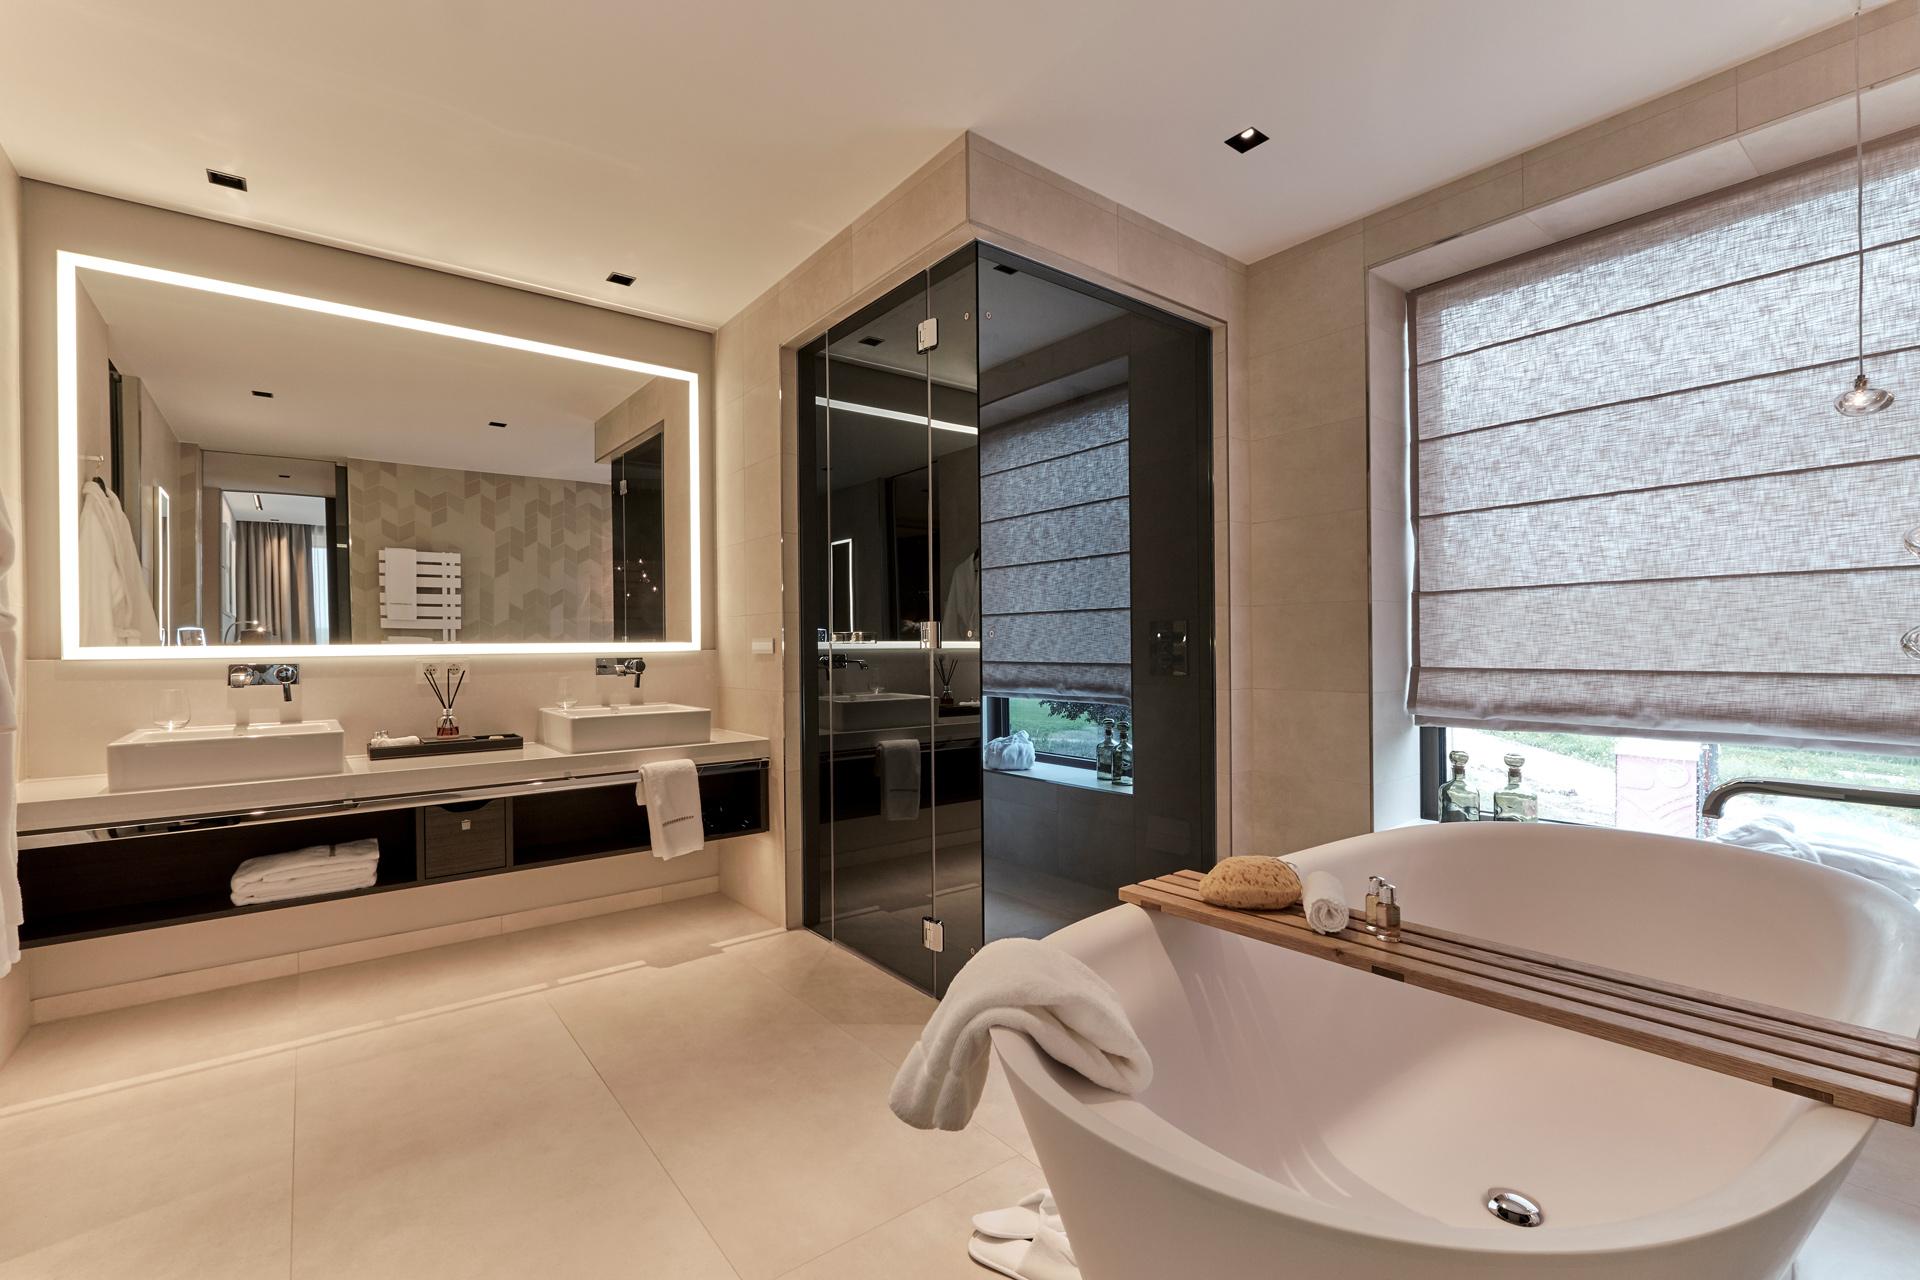 Das Bad in der Suite im Hotel Öschberghof in Donaueschingen. Entworfen von JOI-Design.